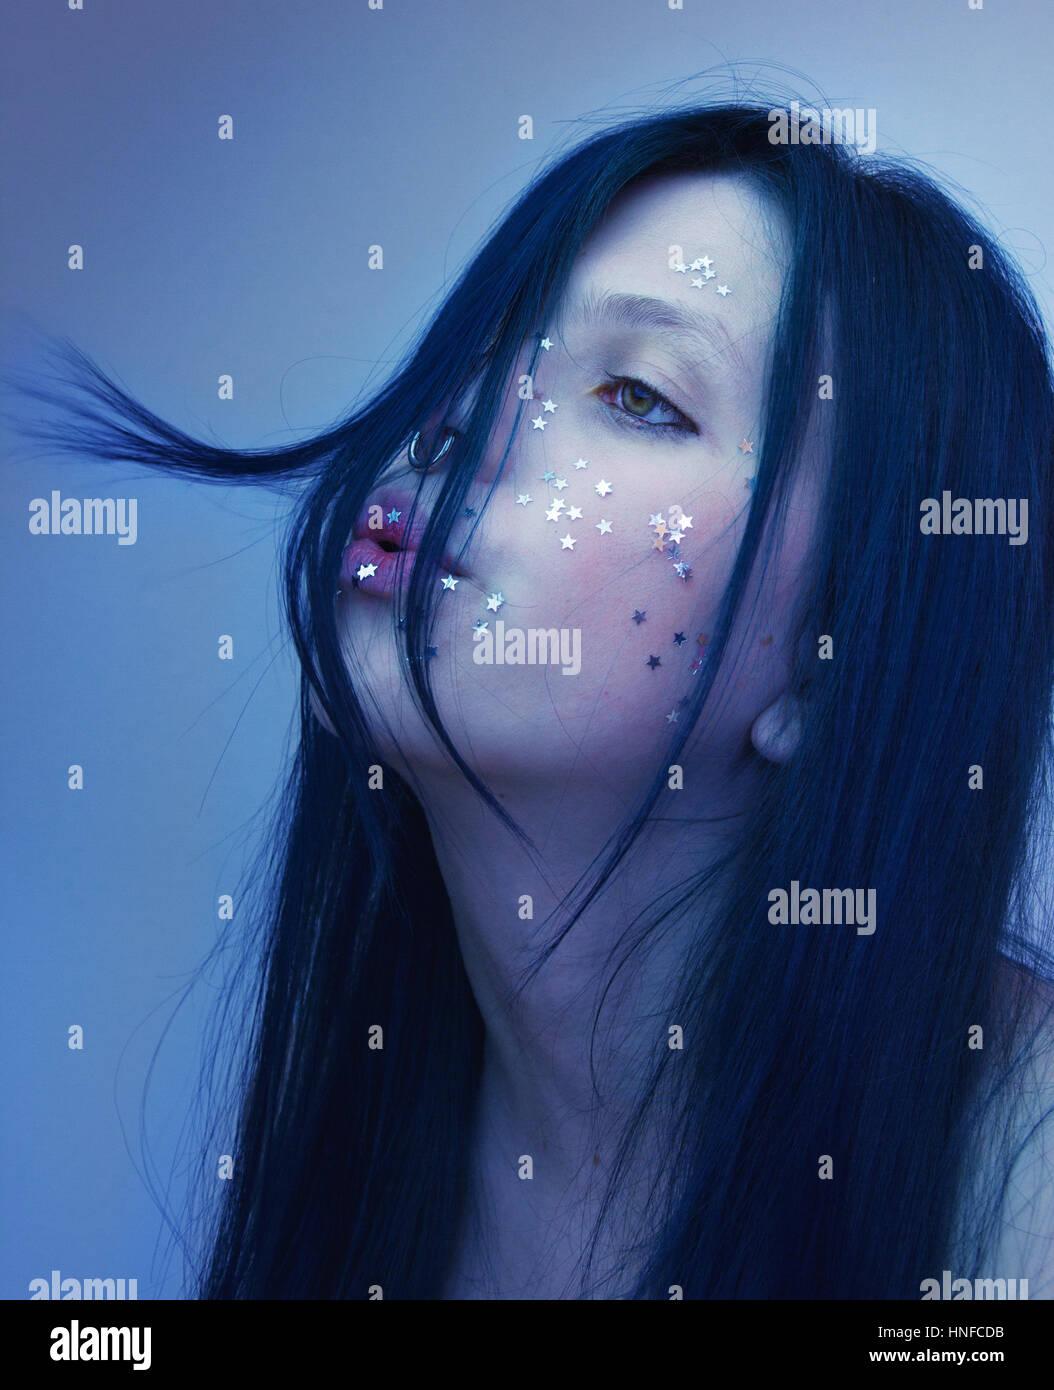 Portrait artistique d'une femme avec son visage couvrant avec beaucoup d'étoiles d'argent Photo Stock